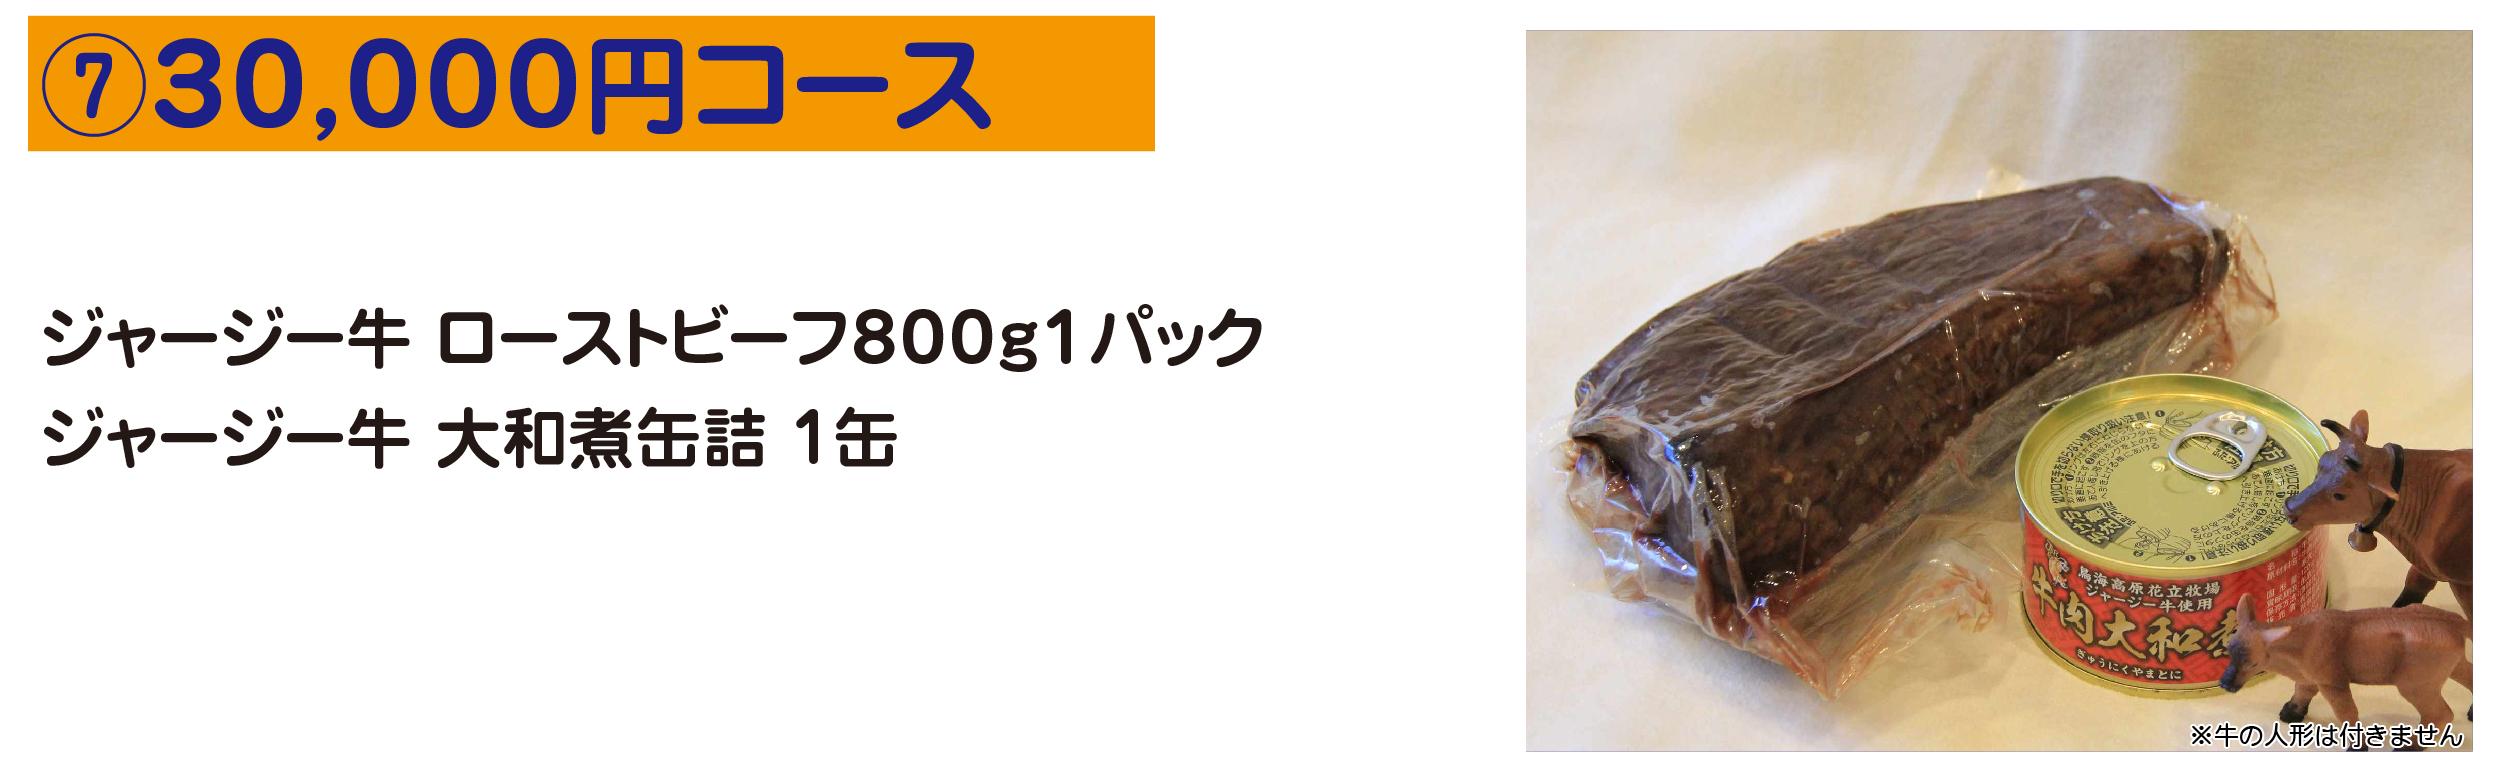 ⑦30,000円コース ジャージー牛 ローストビーフ800g1パック ジャージー牛 大和煮缶詰 1缶